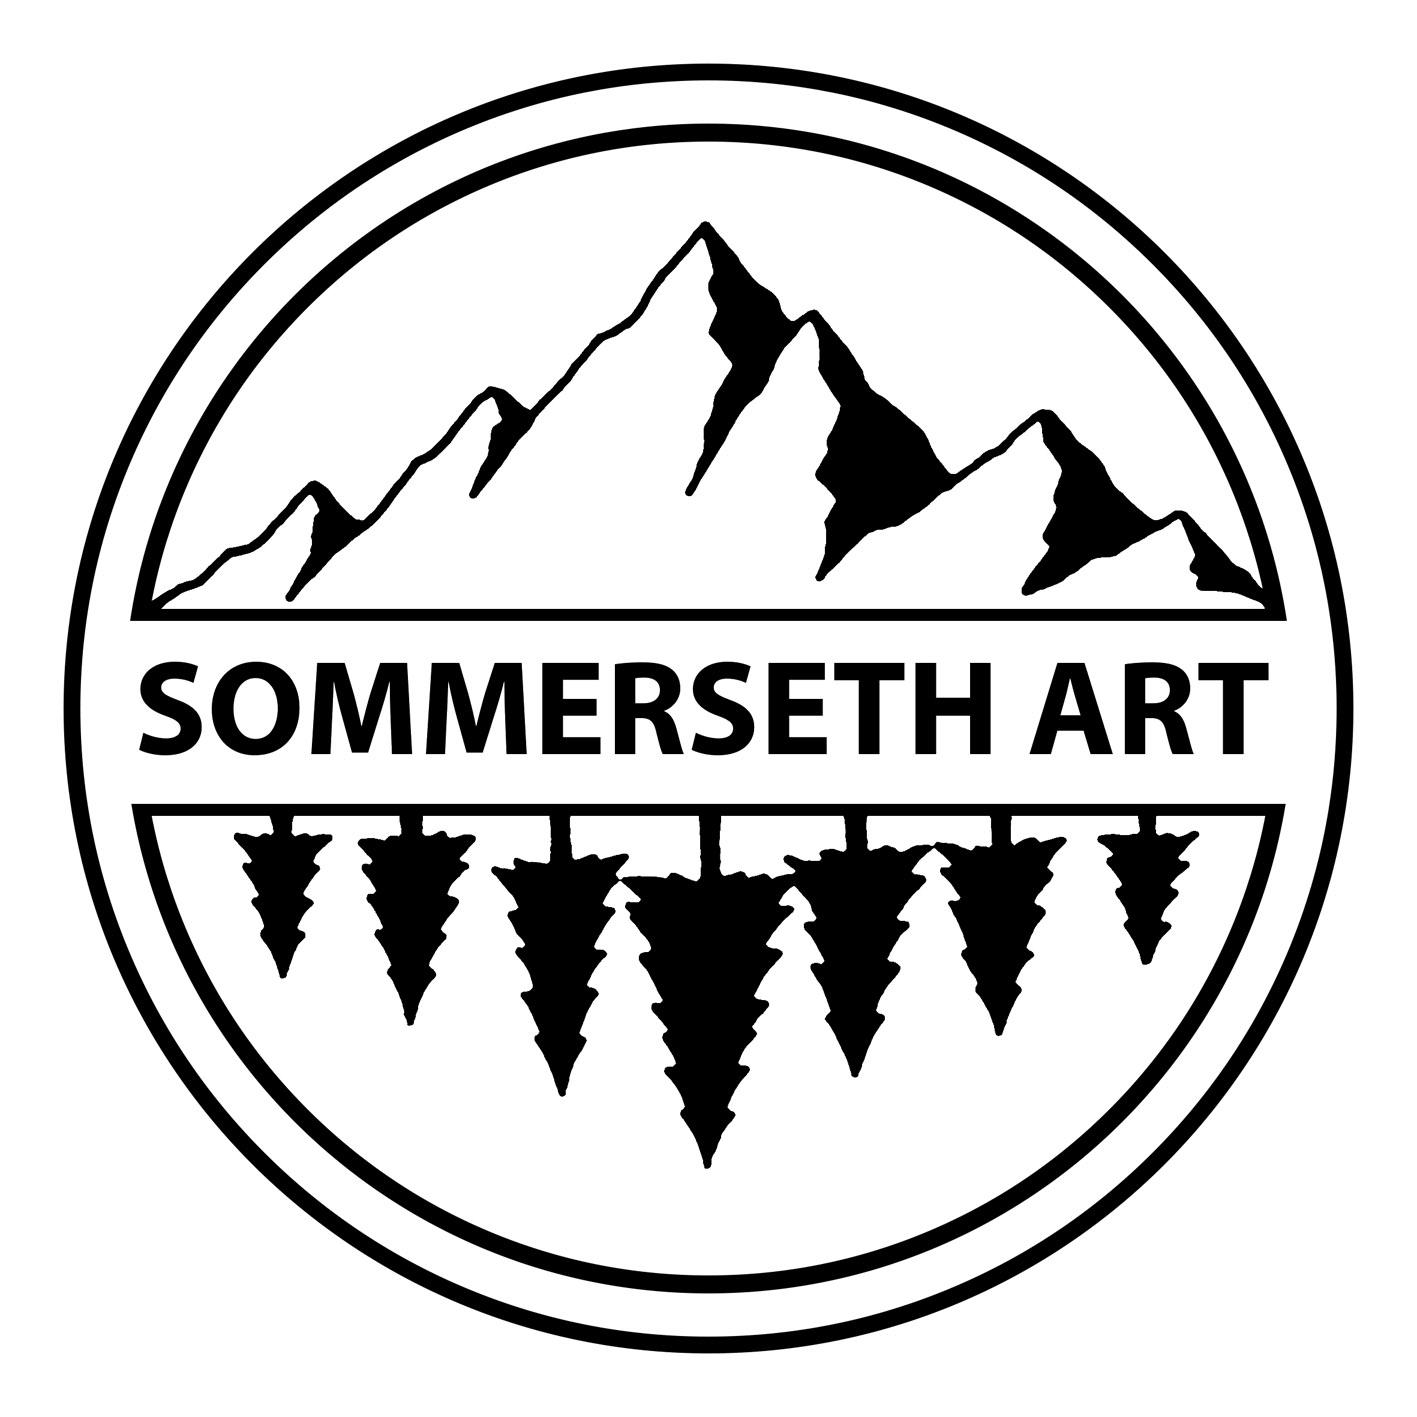 Sommerseth Art Logo.jpg